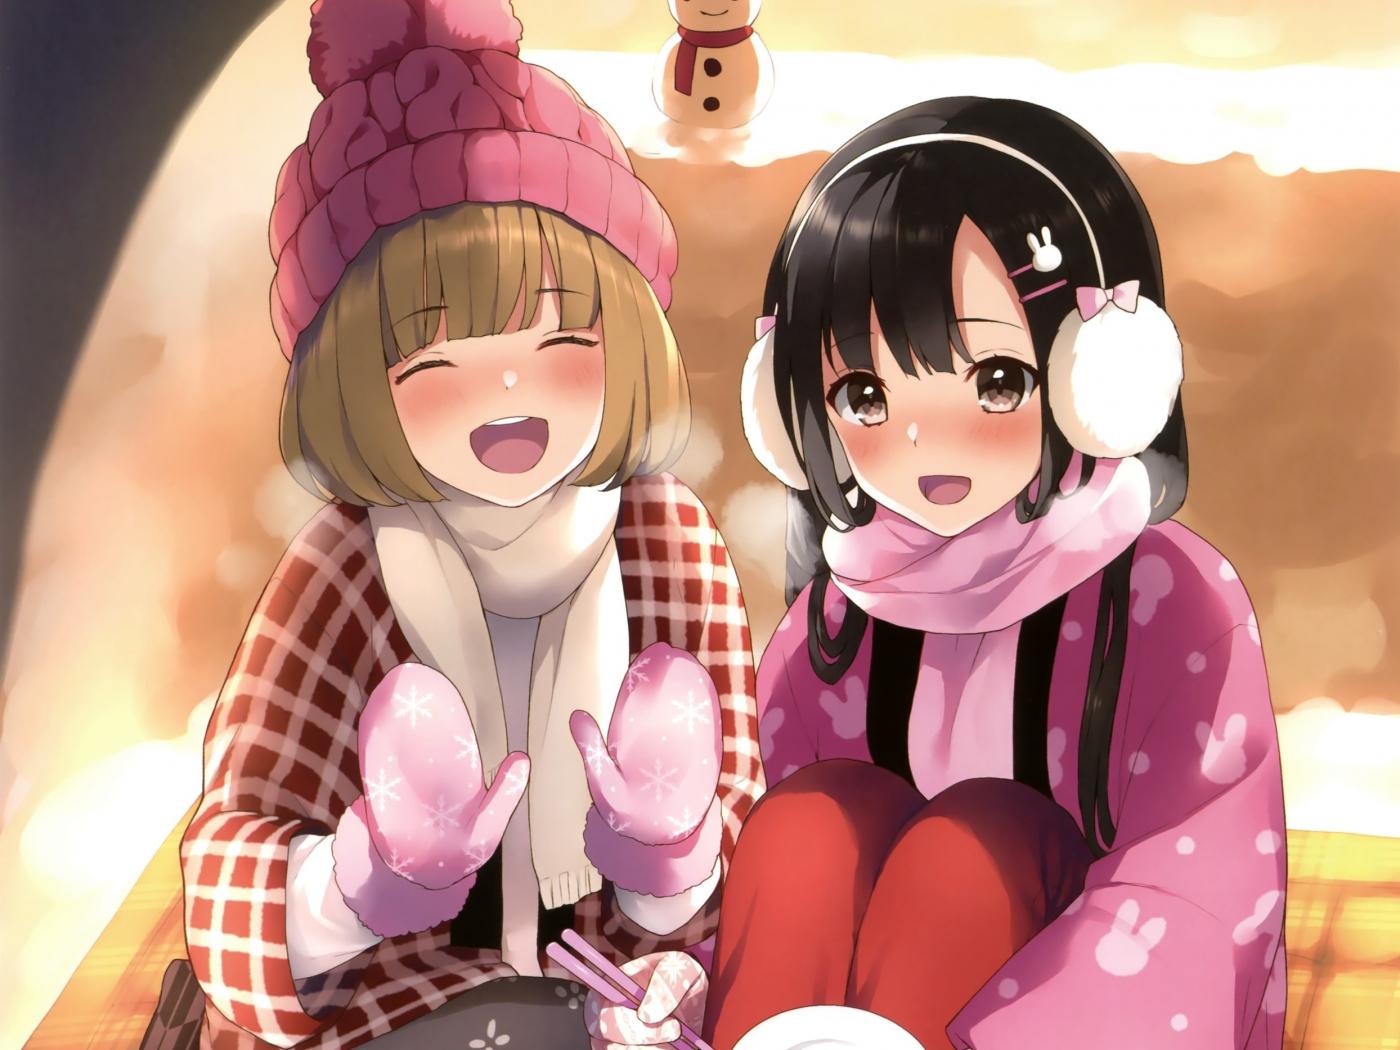 Winter cute anime girls friends 1400x1050 wallpaper